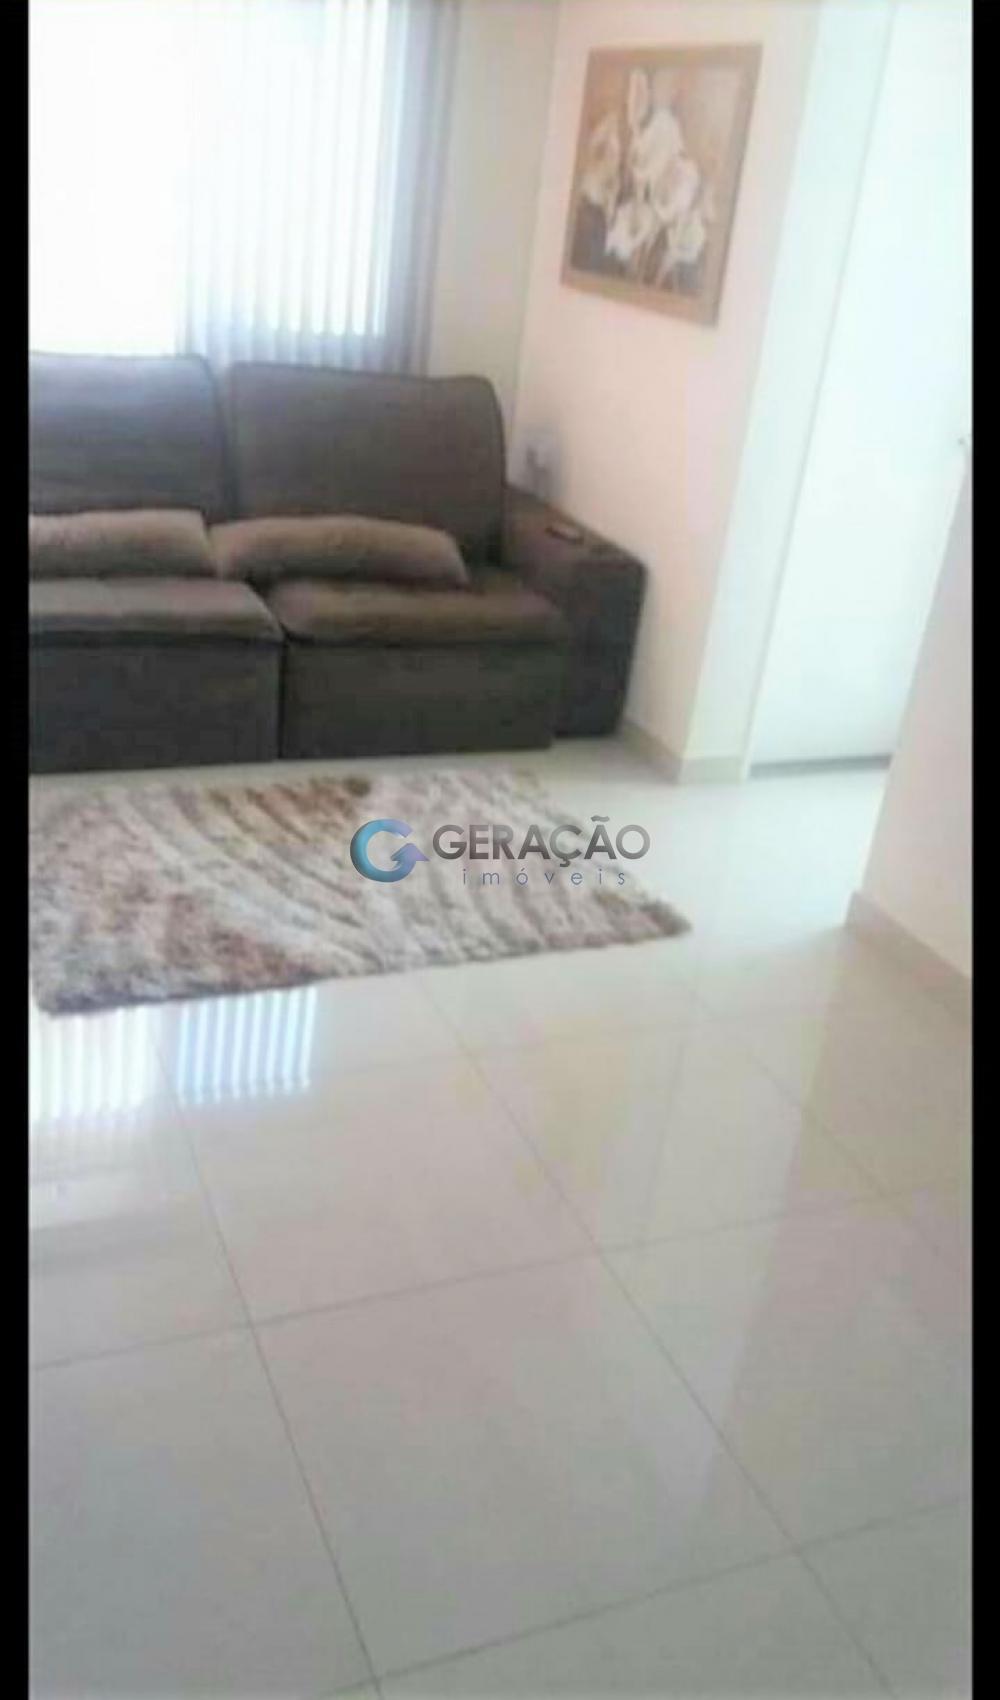 Comprar Apartamento / Padrão em São José dos Campos R$ 170.000,00 - Foto 3